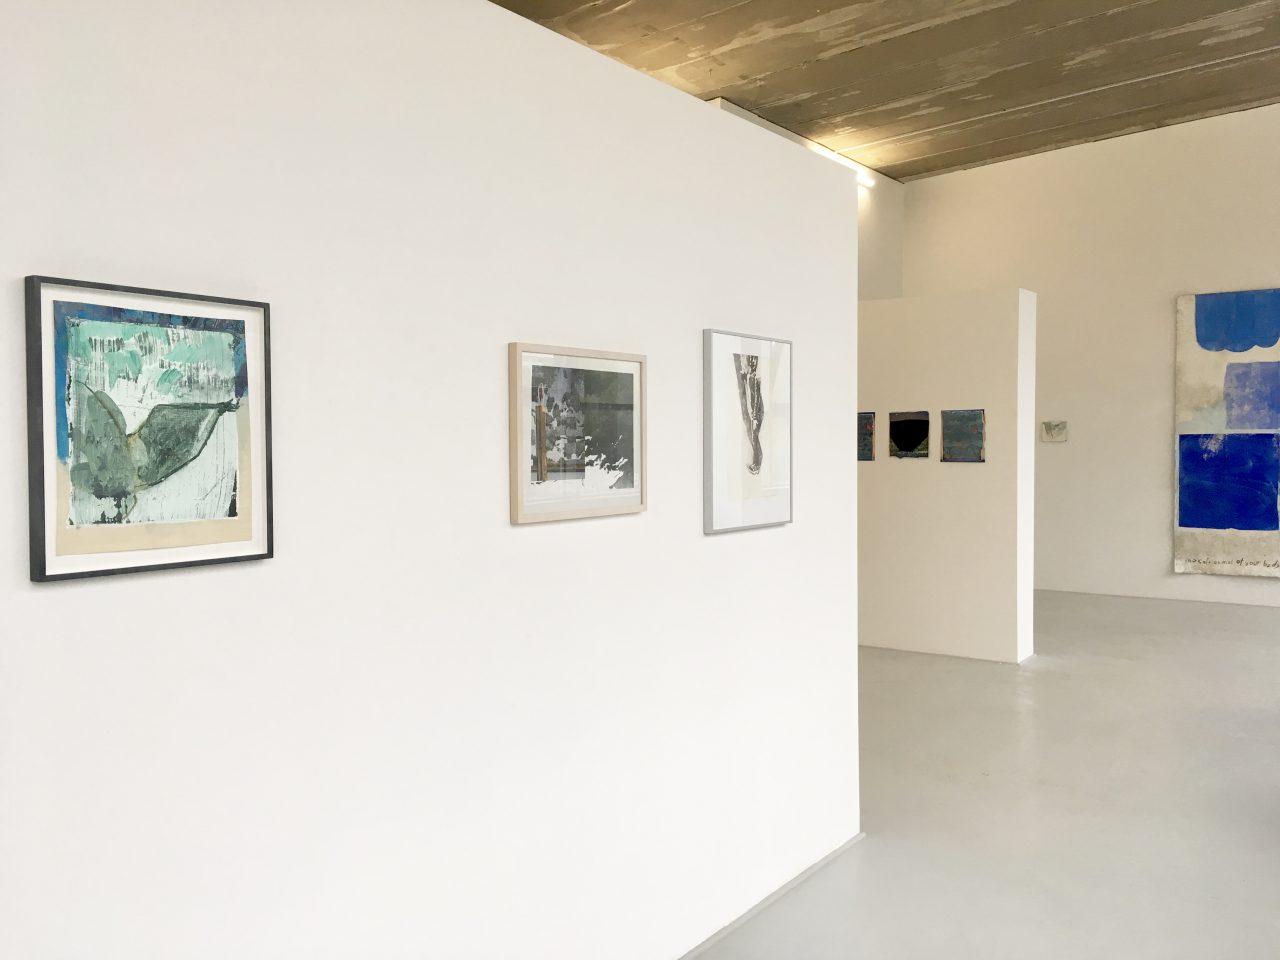 SCHLAFENDE HUNDE, Uta Zaumseill + Christiane Bergelt